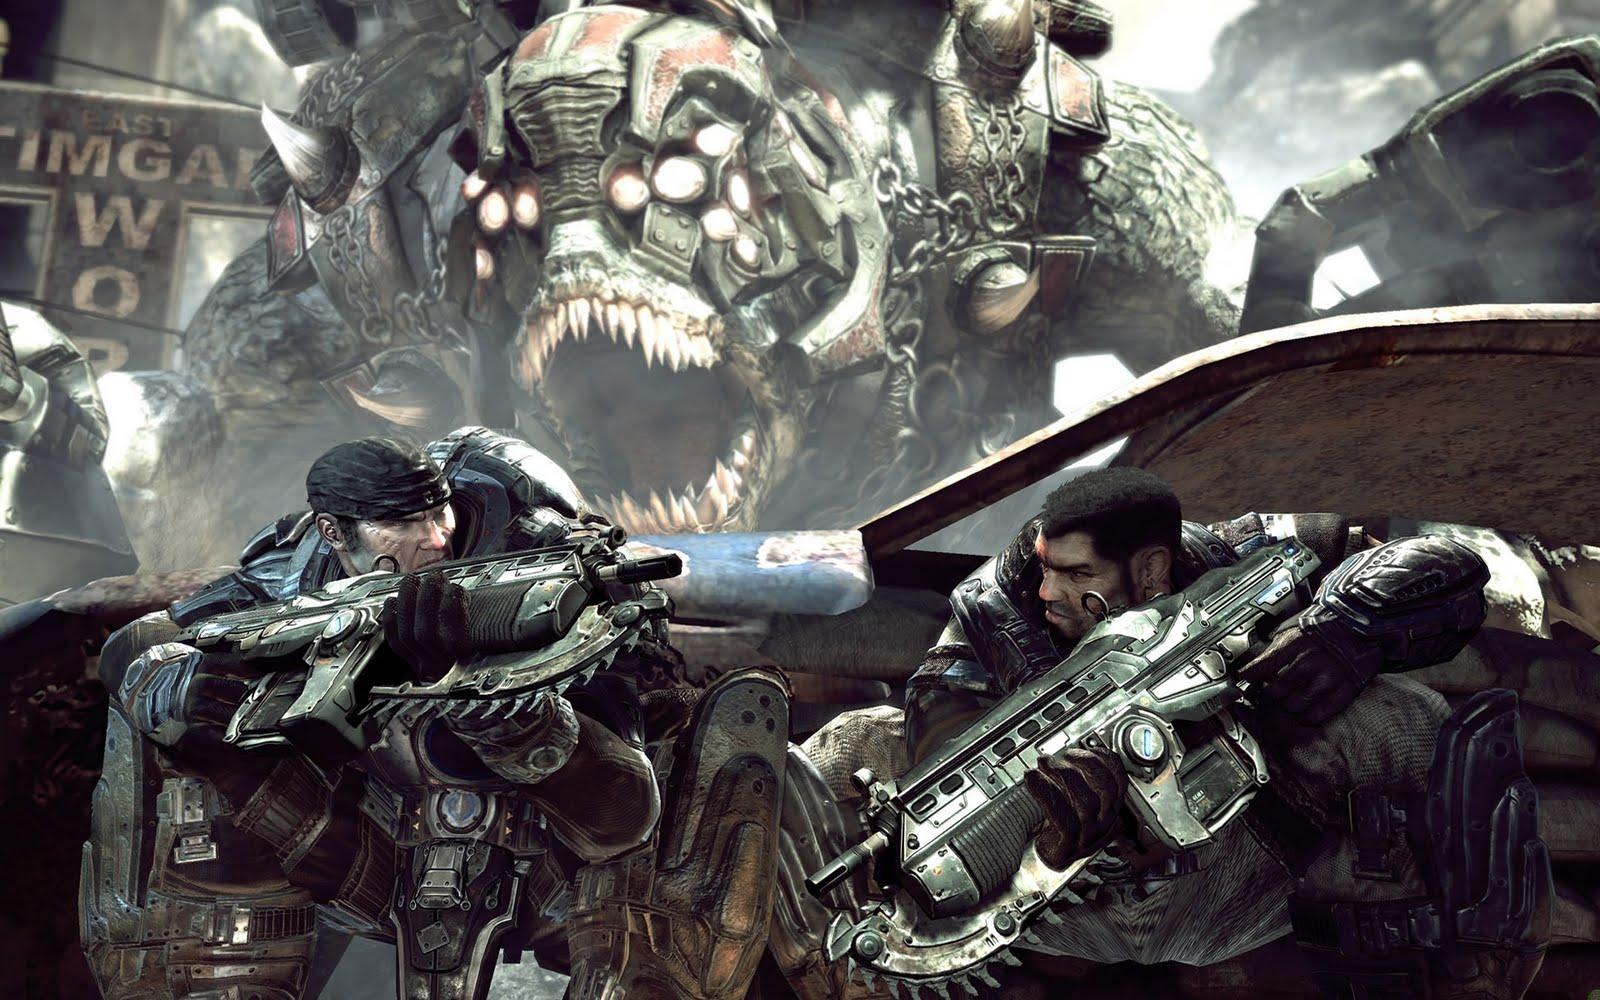 http://1.bp.blogspot.com/--3_RngC1isk/TdBJvzMhFGI/AAAAAAAABr4/Ybw9b0maGpw/s1600/gear_of_war_2.jpg